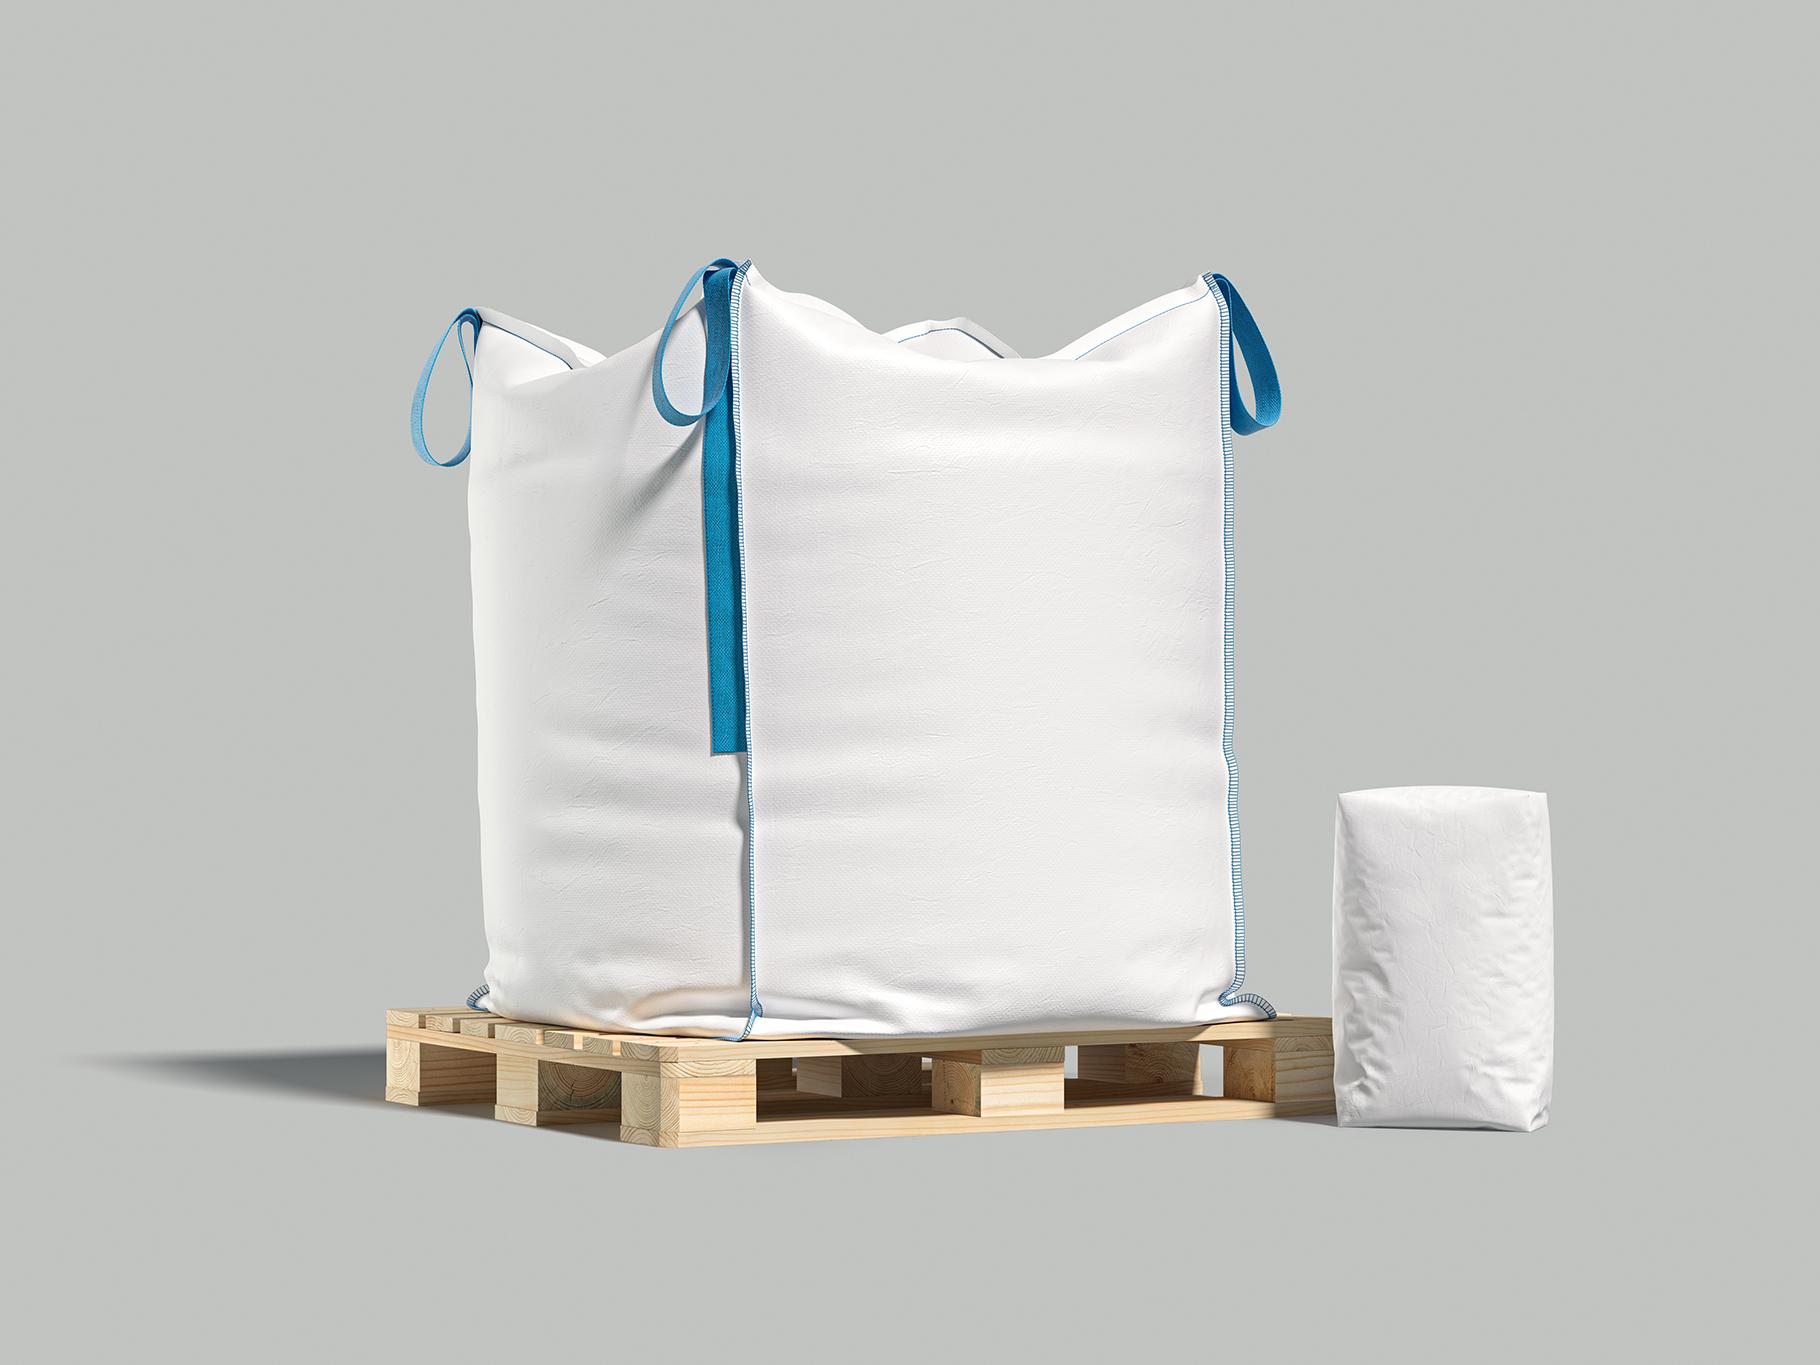 Zandzak 1 cube